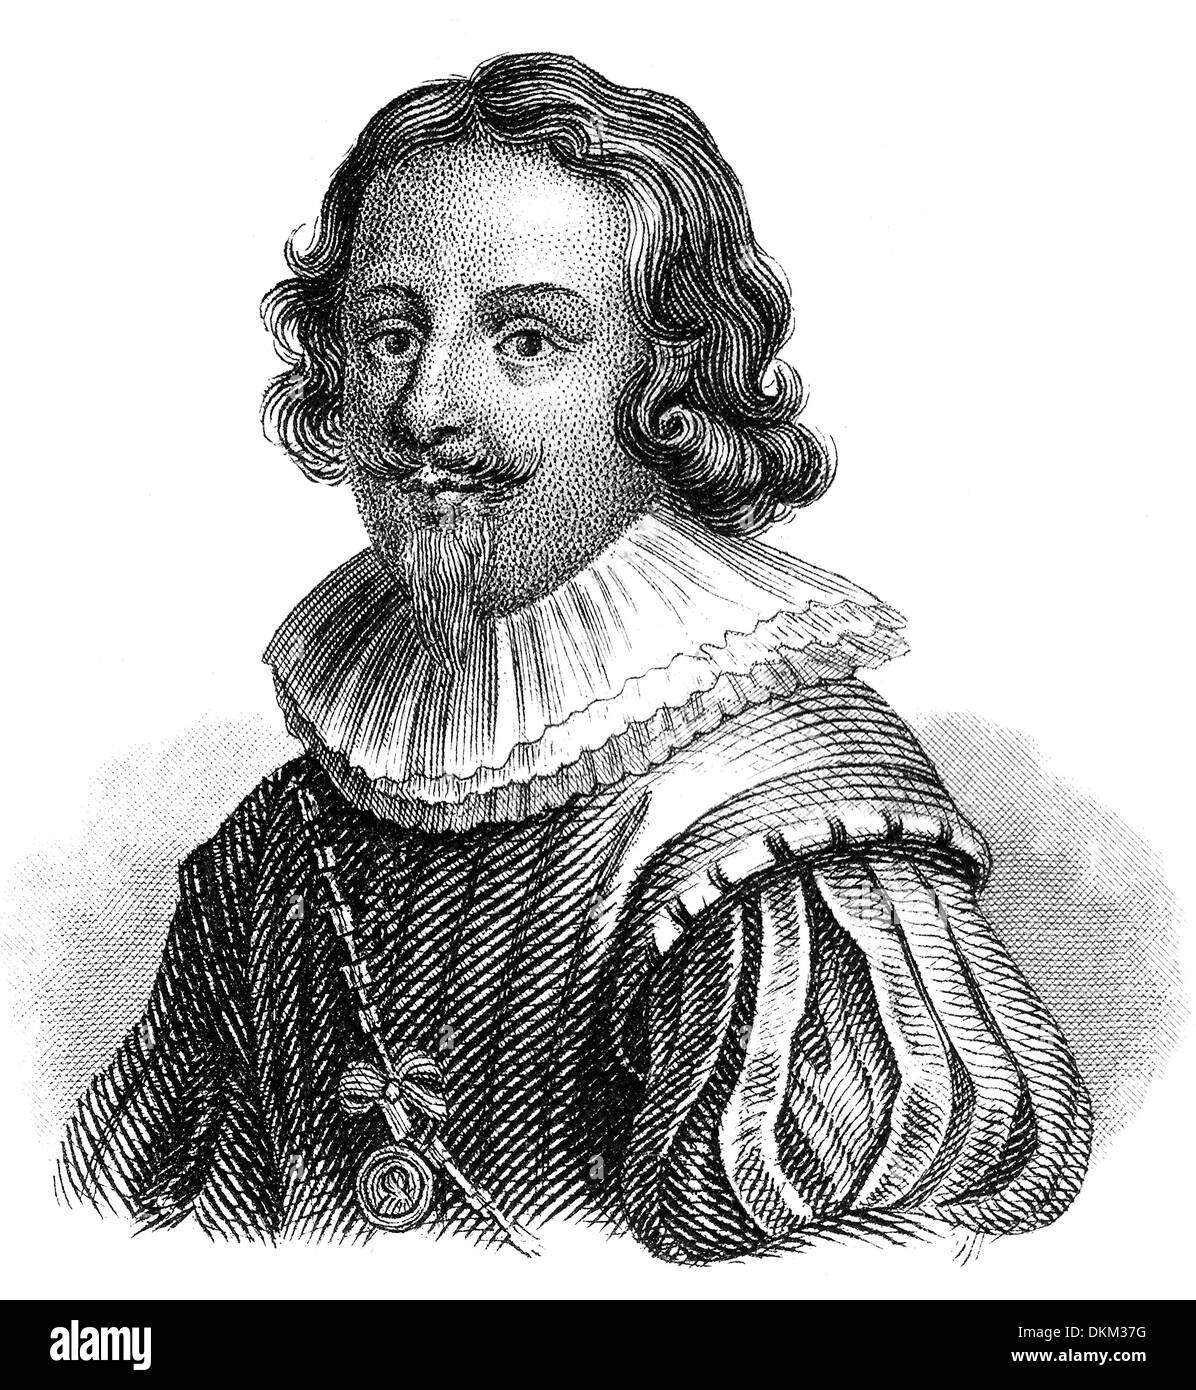 Porträt von Jacques Callot, 1592-1635, eine barocke Grafiker und Zeichner aus dem Herzogtum Lothringen Stockbild